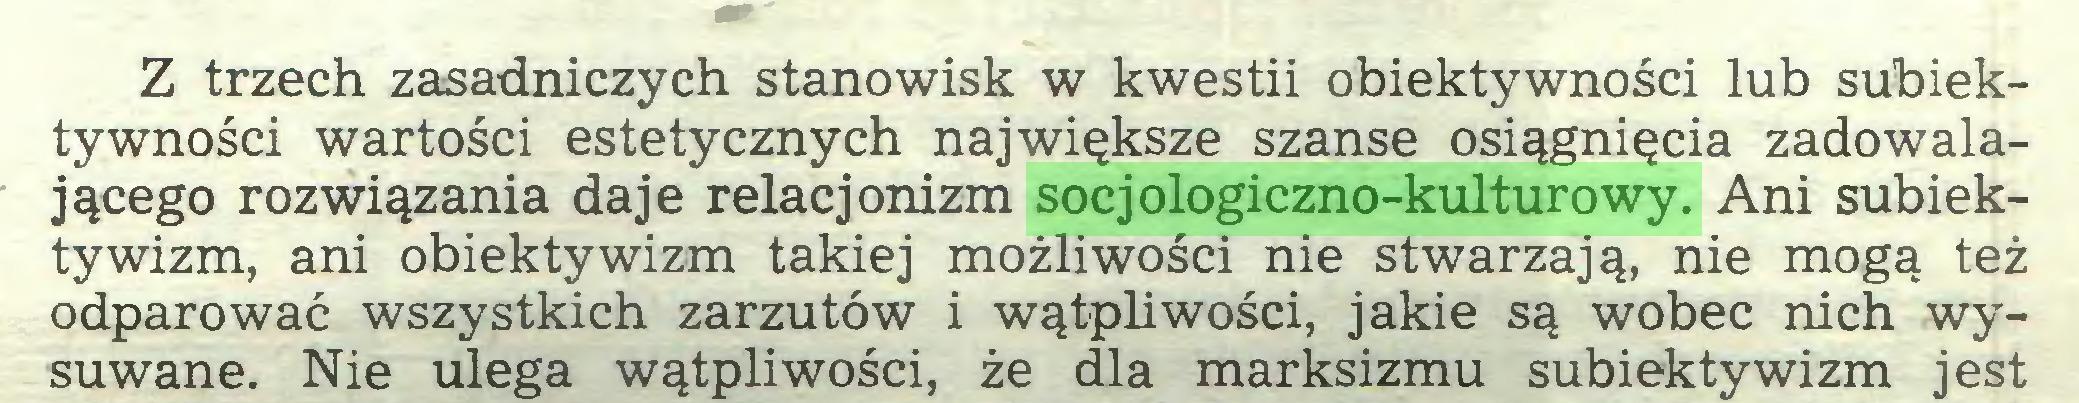 (...) Z trzech zasadniczych stanowisk w kwestii obiektywności lub subiektywności wartości estetycznych największe szanse osiągnięcia zadowalającego rozwiązania daje relacjonizm socjologiczno-kulturowy. Ani subiektywizm, ani obiektywizm takiej możliwości nie stwarzają, nie mogą też odparować wszystkich zarzutów i wątpliwości, jakie są wobec nich wysuwane. Nie ulega wątpliwości, że dla marksizmu subiektywizm jest...